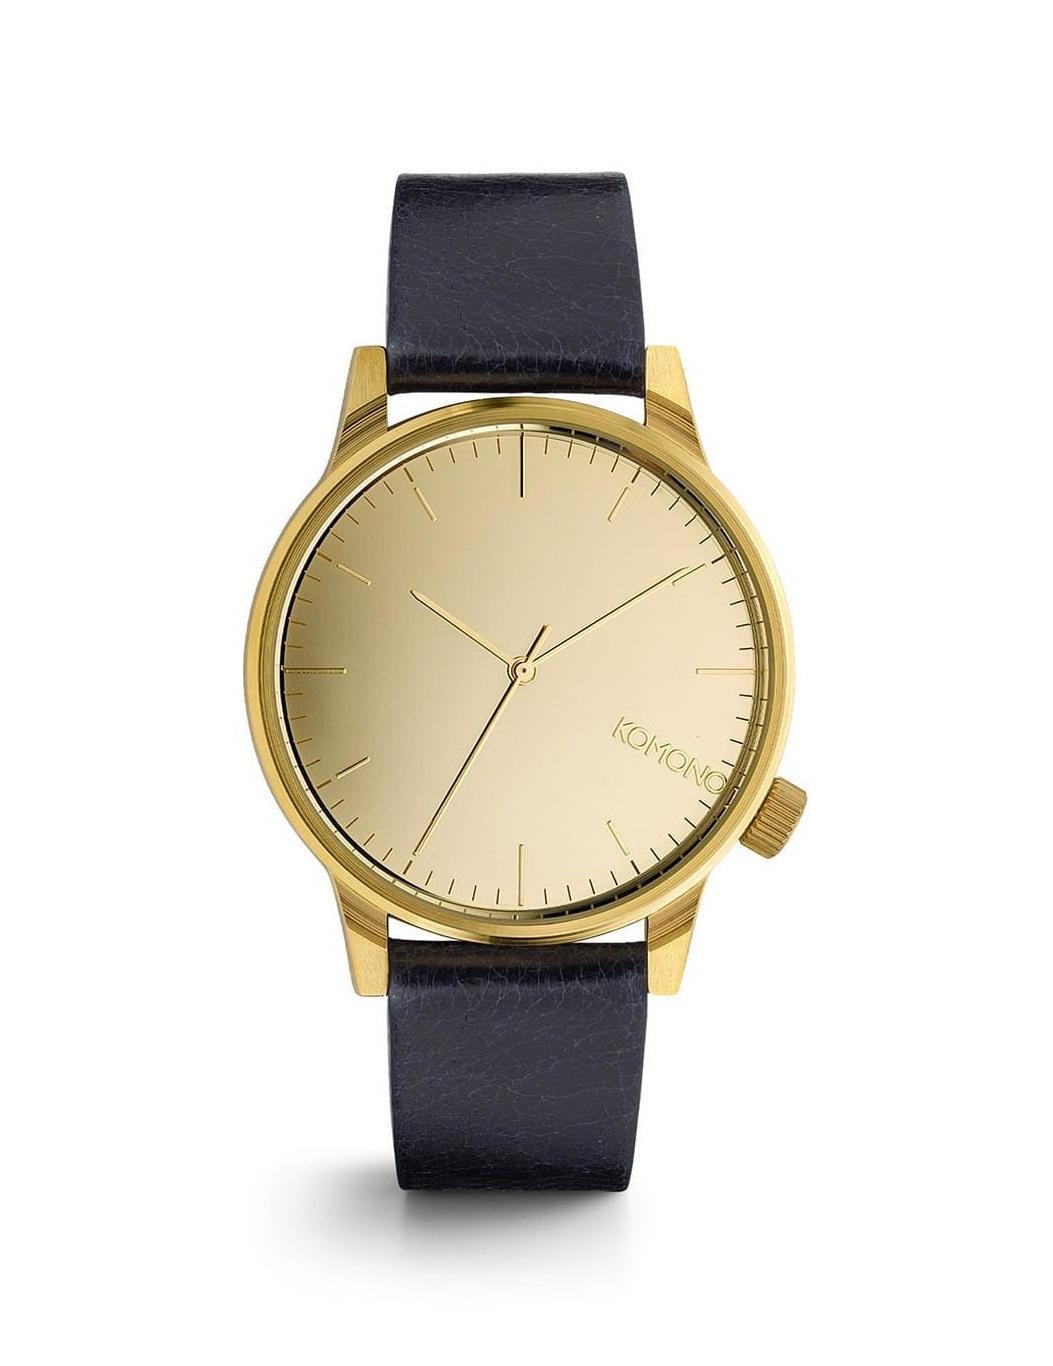 Komono Unisex hodinky Komono Winston Mirror Gold-Navy, modrá barva, zlatá barva, kov, kůže